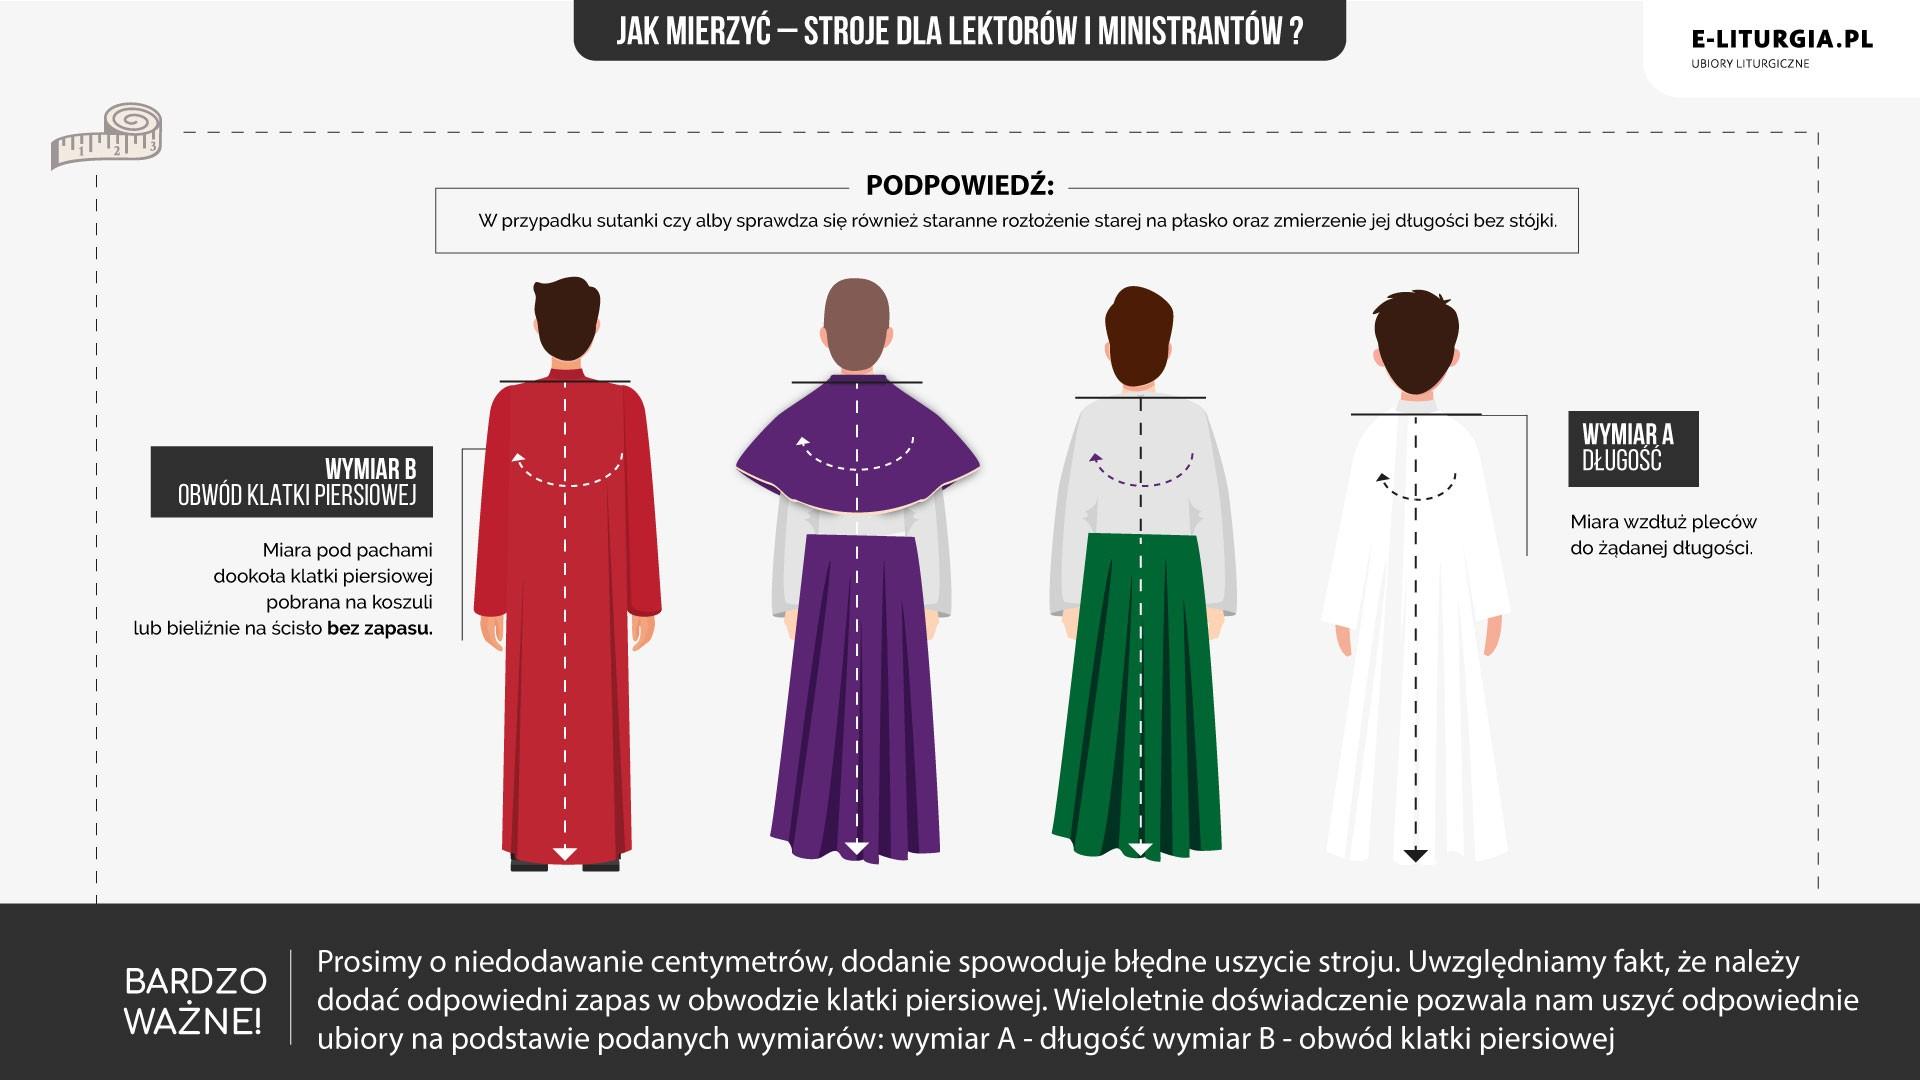 Lektorzy i ministranci (alby, alby kolorowe, sutanki kolorowe)